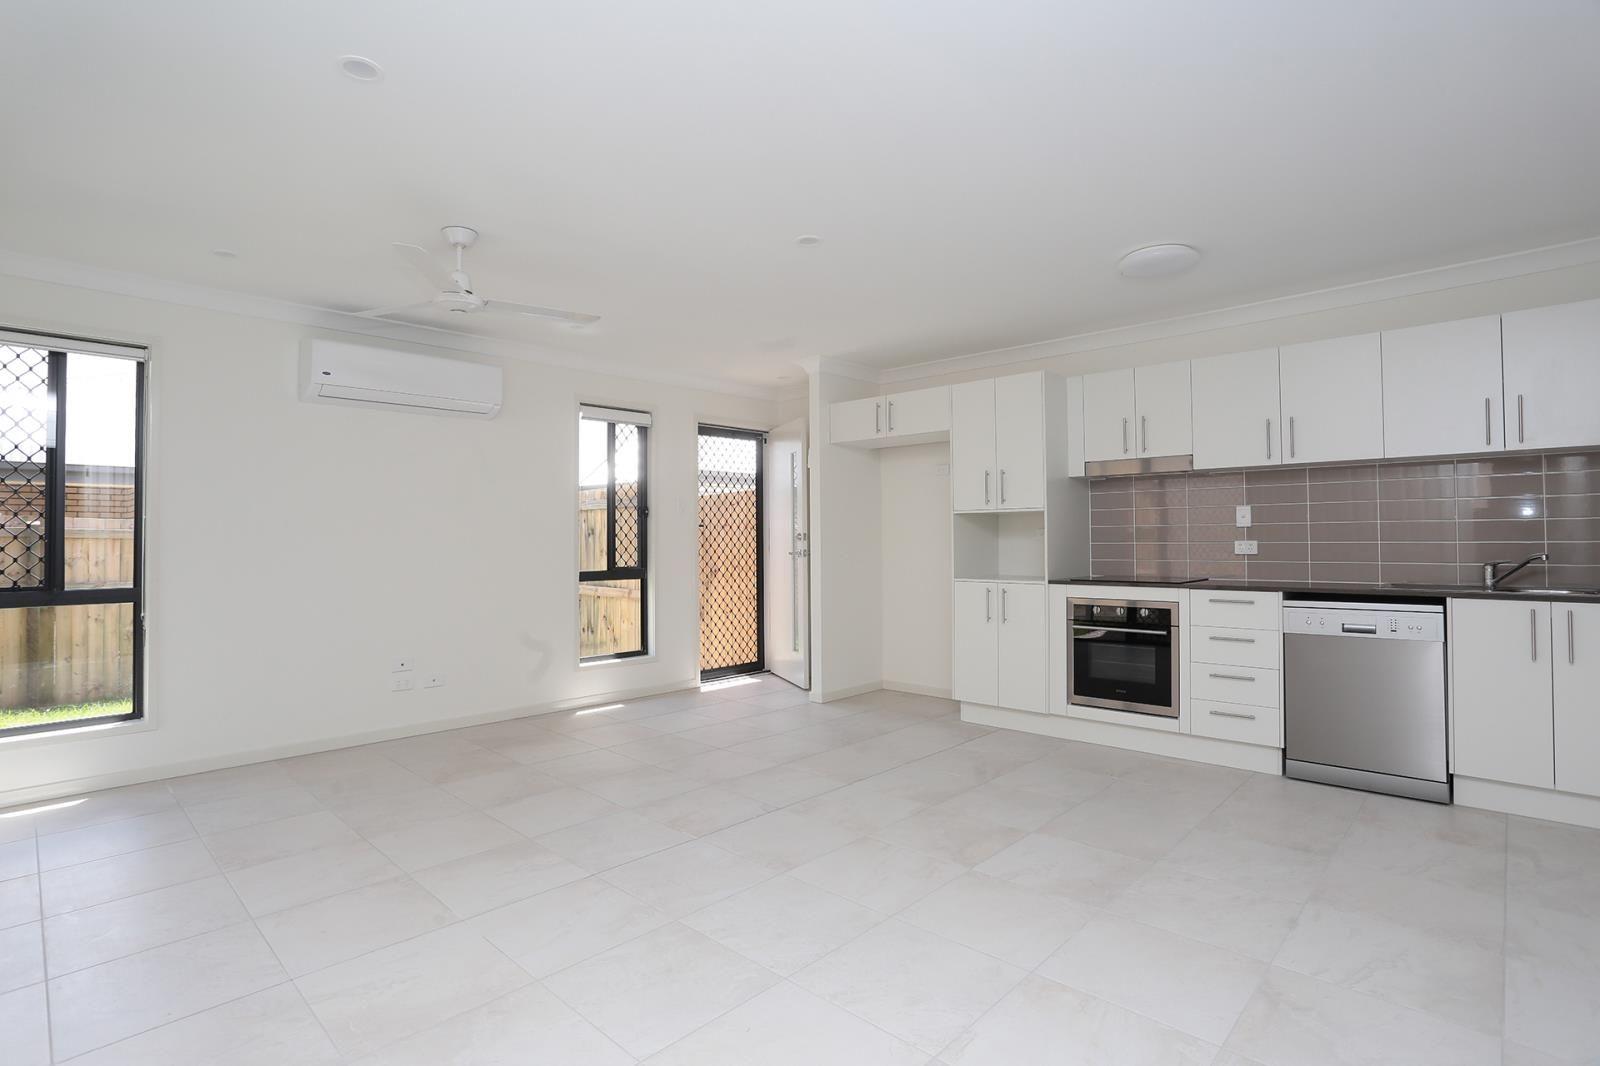 2/2 Karumba Way, Holmview QLD 4207, Image 0